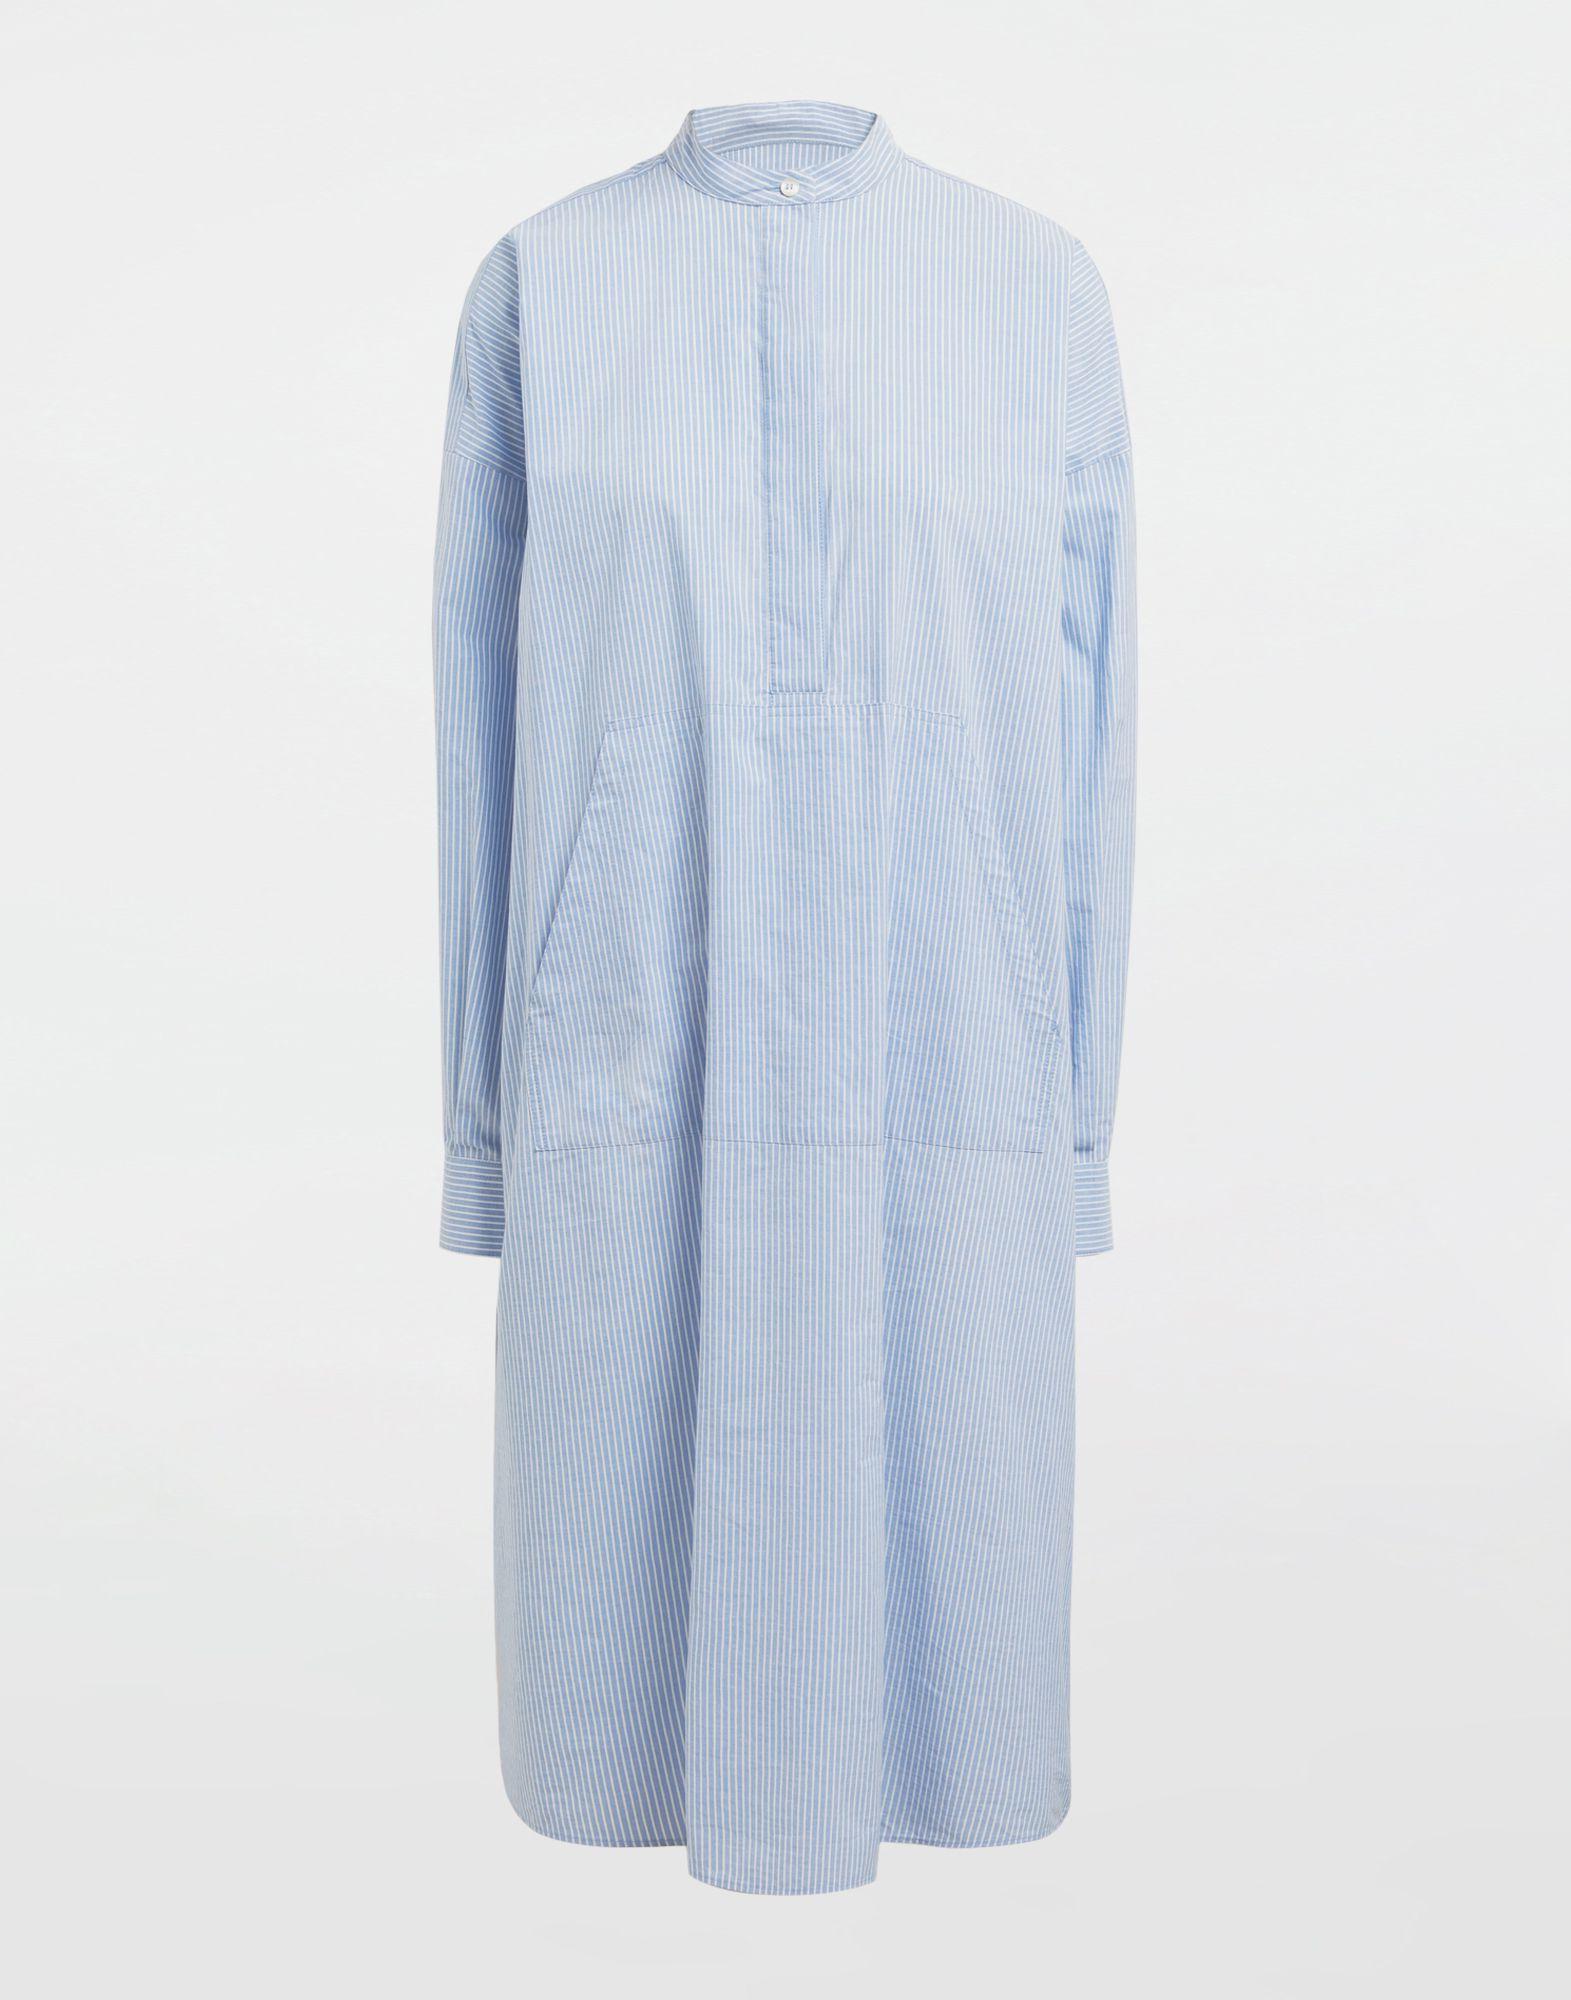 MM6 MAISON MARGIELA Robe chemise en popeline avec imprimé logo Robe mi-longue Femme f